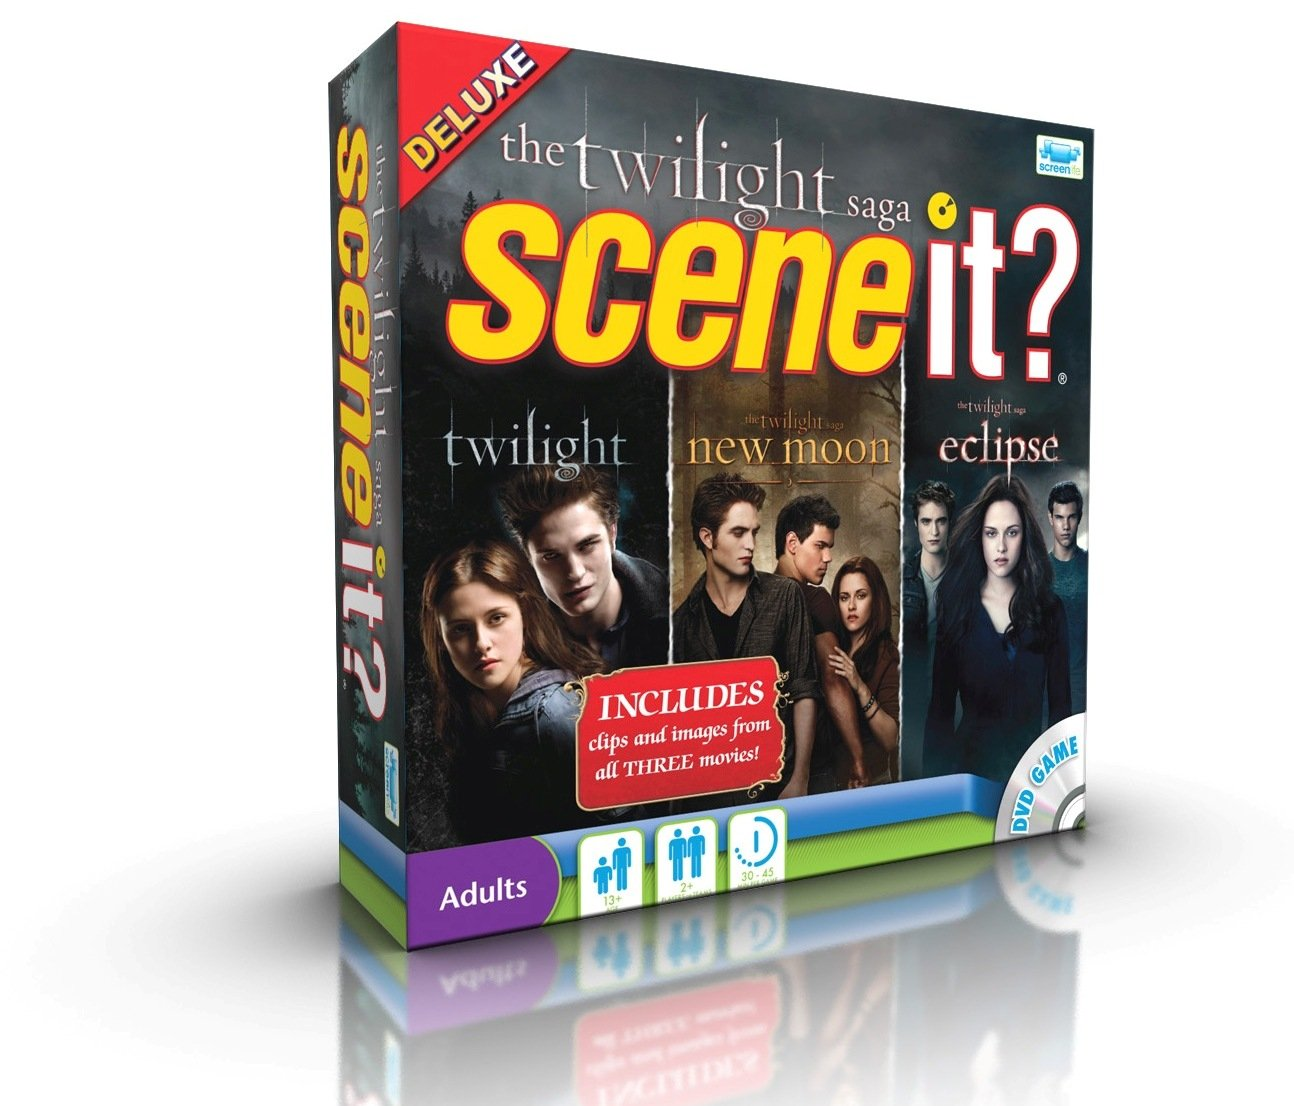 Scene It Twilight Saga - Juego de mesa con DVD, saga Crepúsculo [importado de Reino Unido]: Amazon.es: Juguetes y juegos